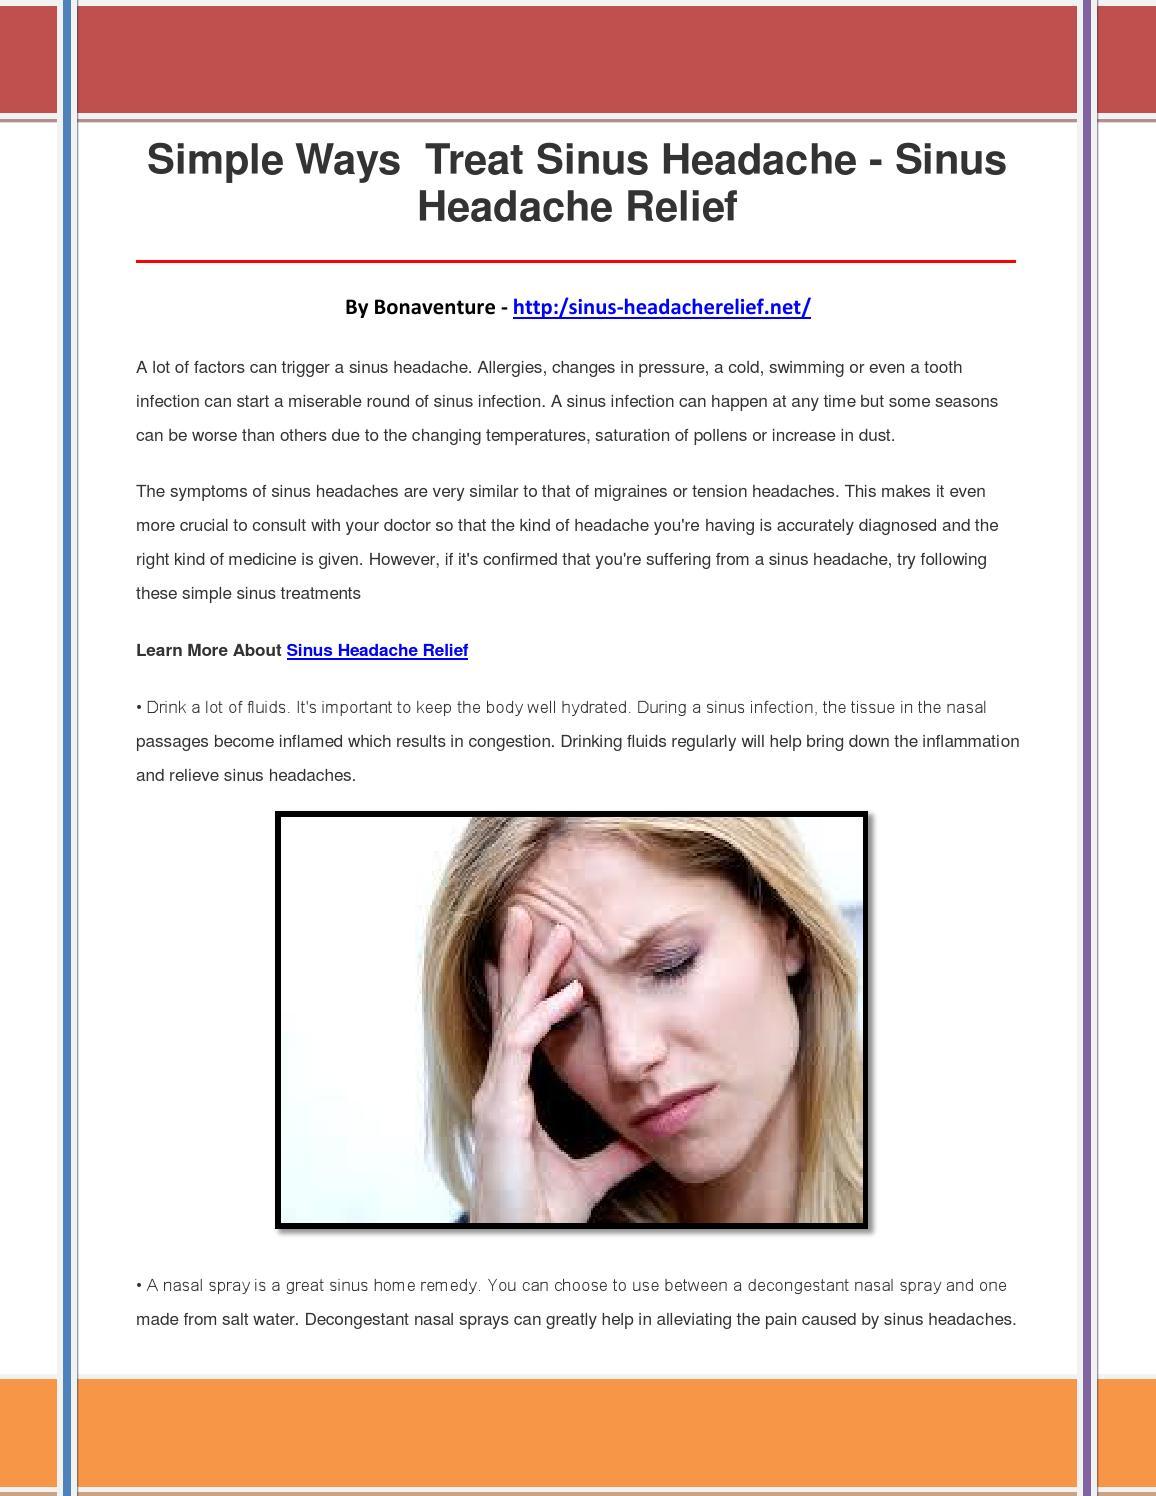 Sinus headache relief by ughbngjbhfbvgdvc - issuu